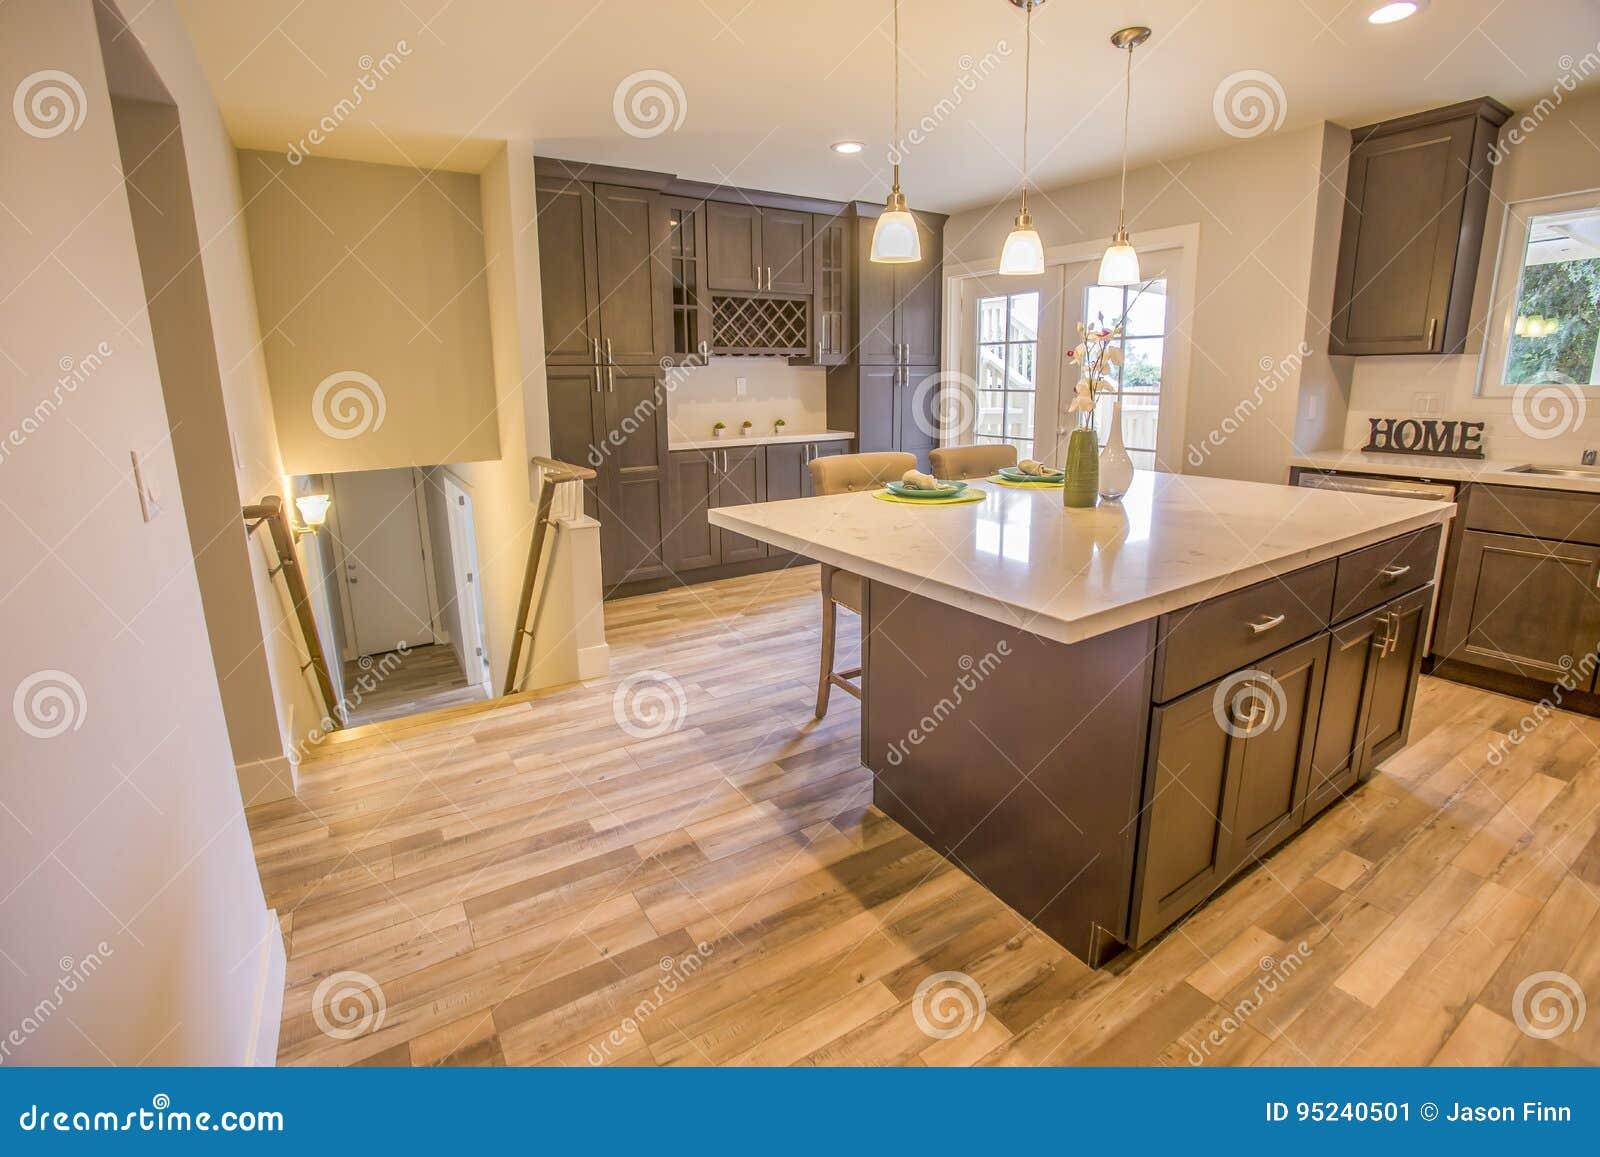 Nettoyez La Maison Modèle En Californie A Une Cuisine ...